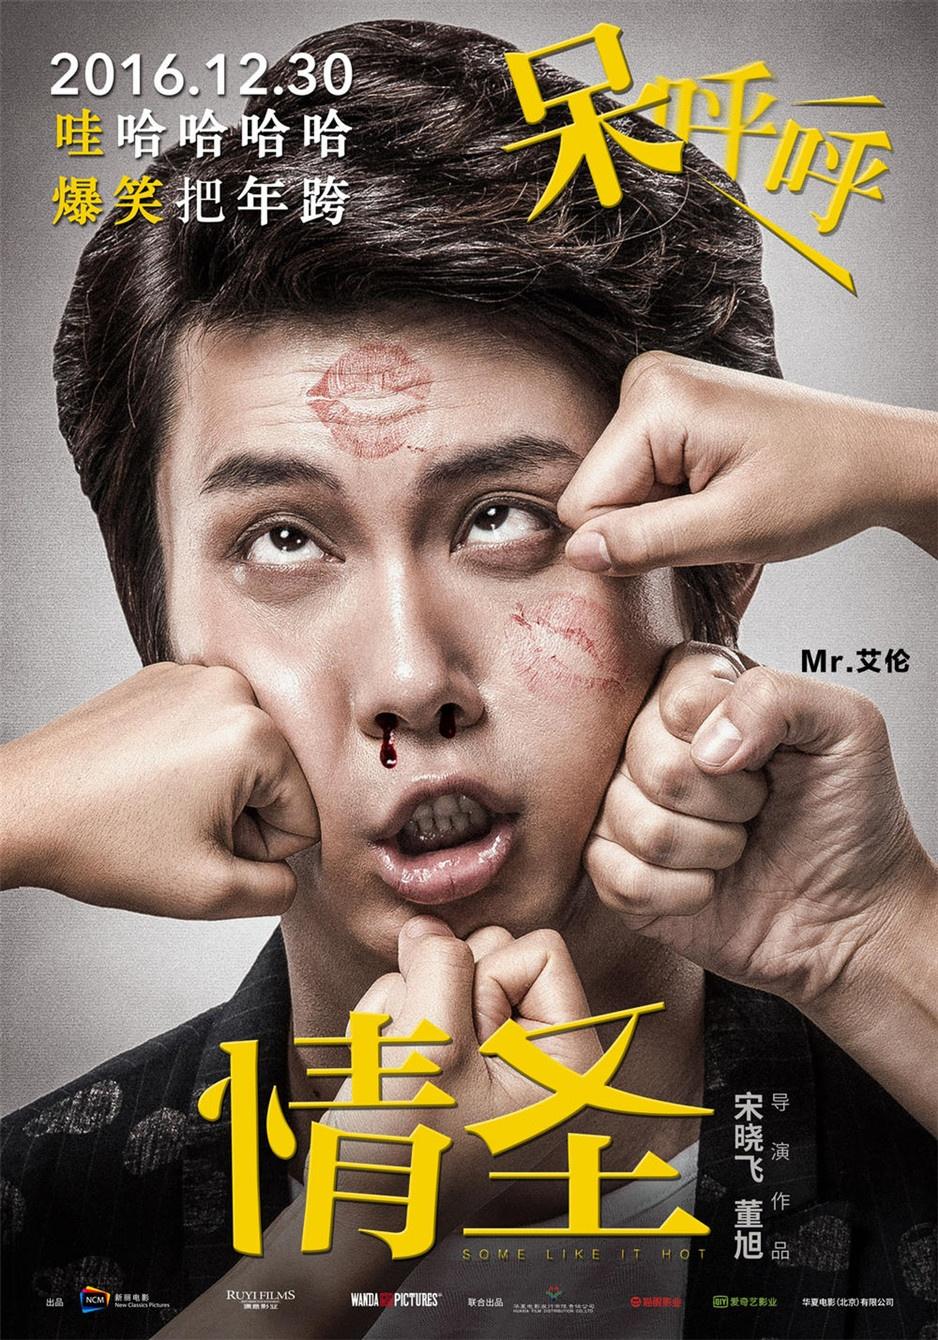 2016跨年电影《情圣》高清海报